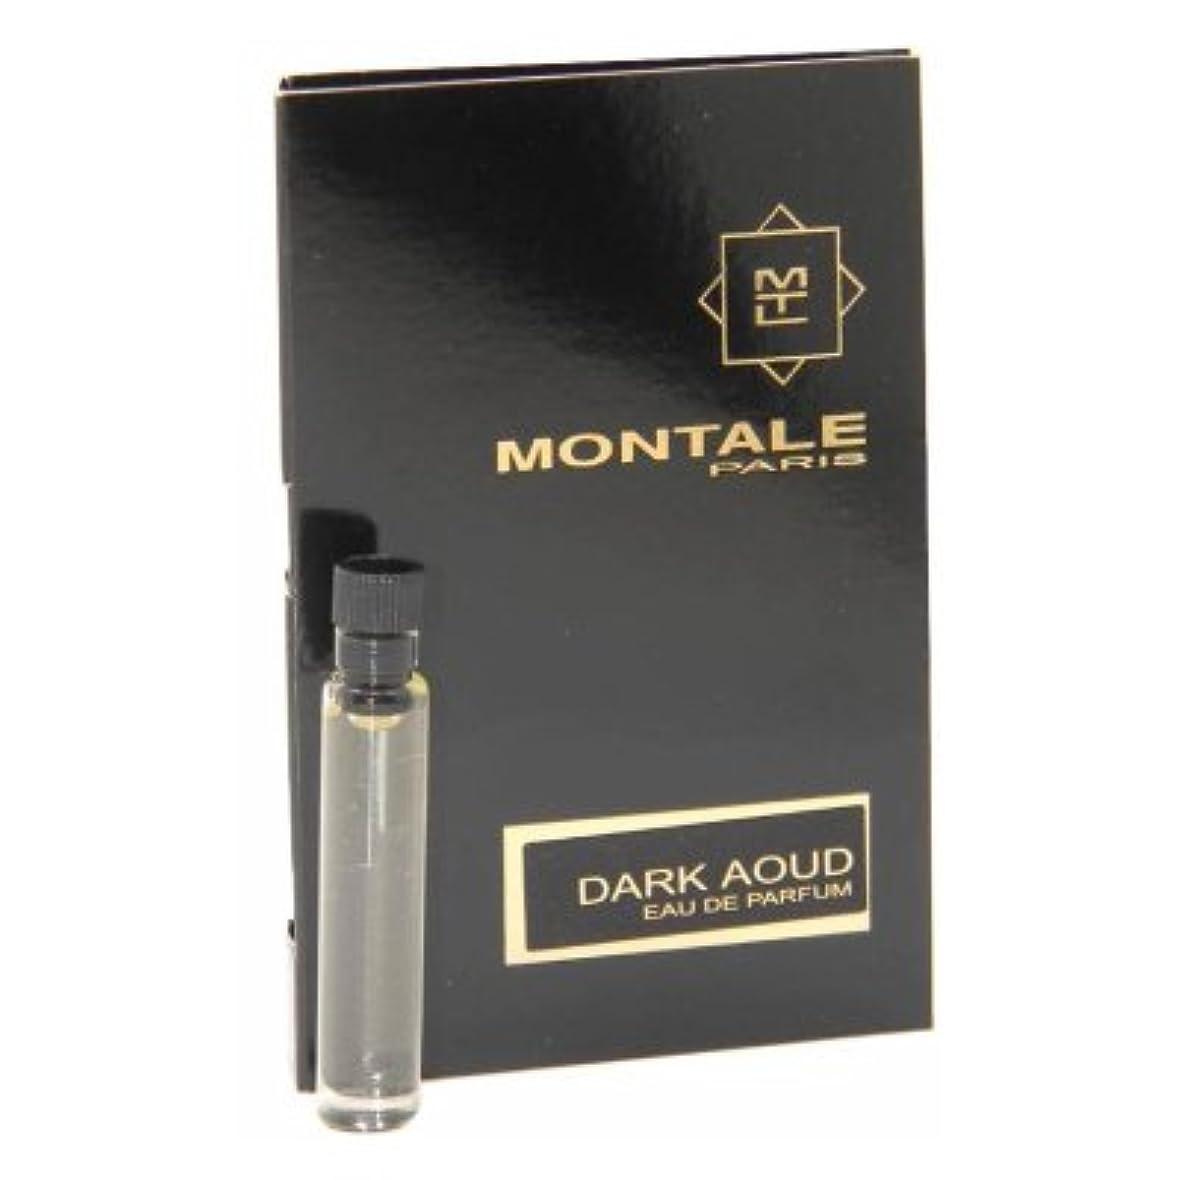 犬補体専制Montale Dark Aoud EDP Vial Sample 2ml(モンタル ダーク ウード オードパルファン 2ml)[海外直送品] [並行輸入品]